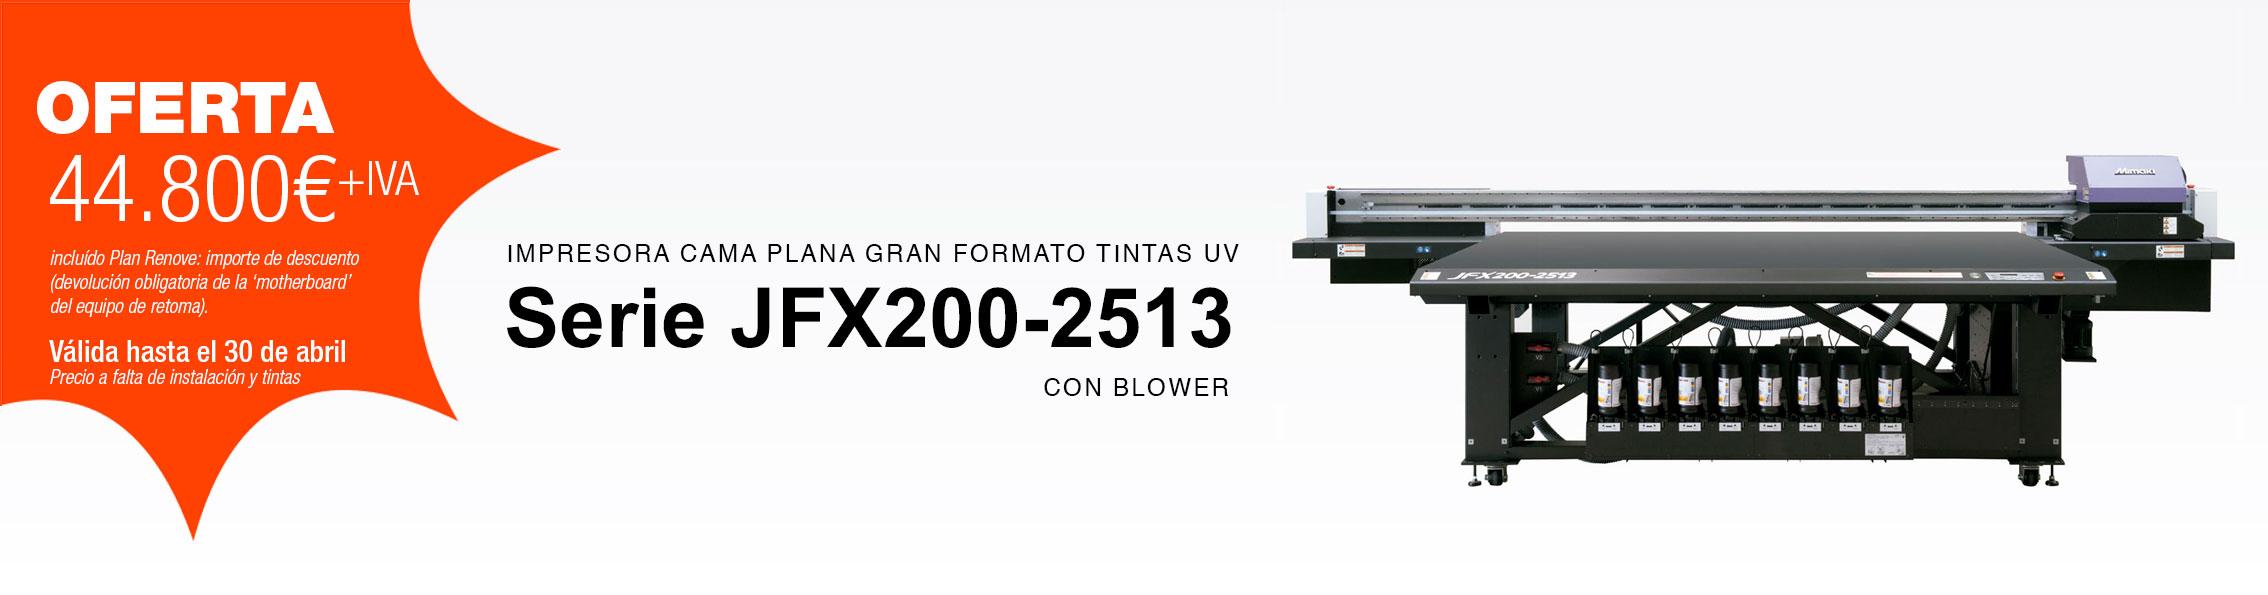 OFERTAS-JFX200-2513CB